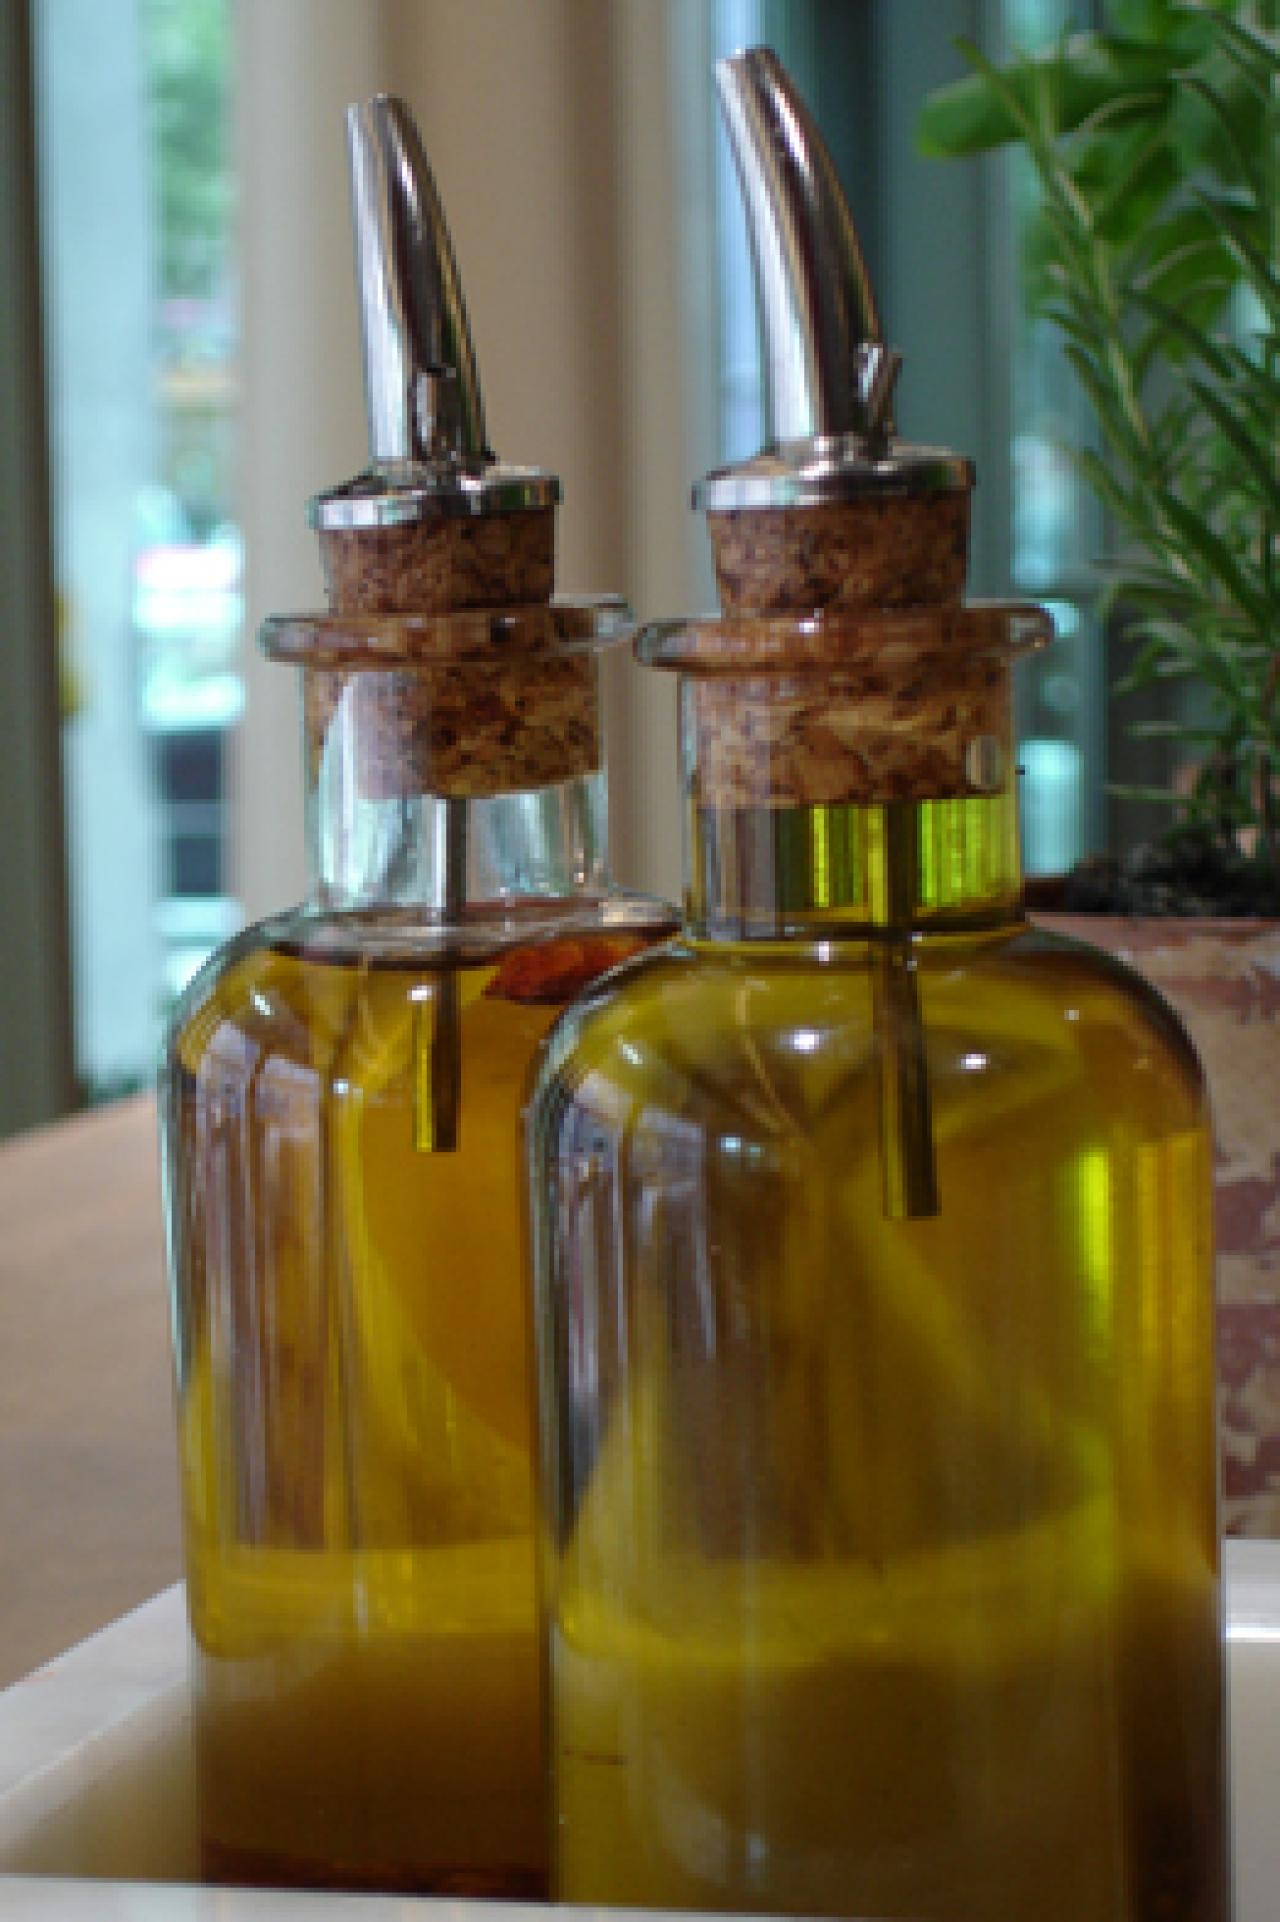 oliven l zum braten haushalt frage und antwort wochenblatt f r landwirtschaft landleben. Black Bedroom Furniture Sets. Home Design Ideas